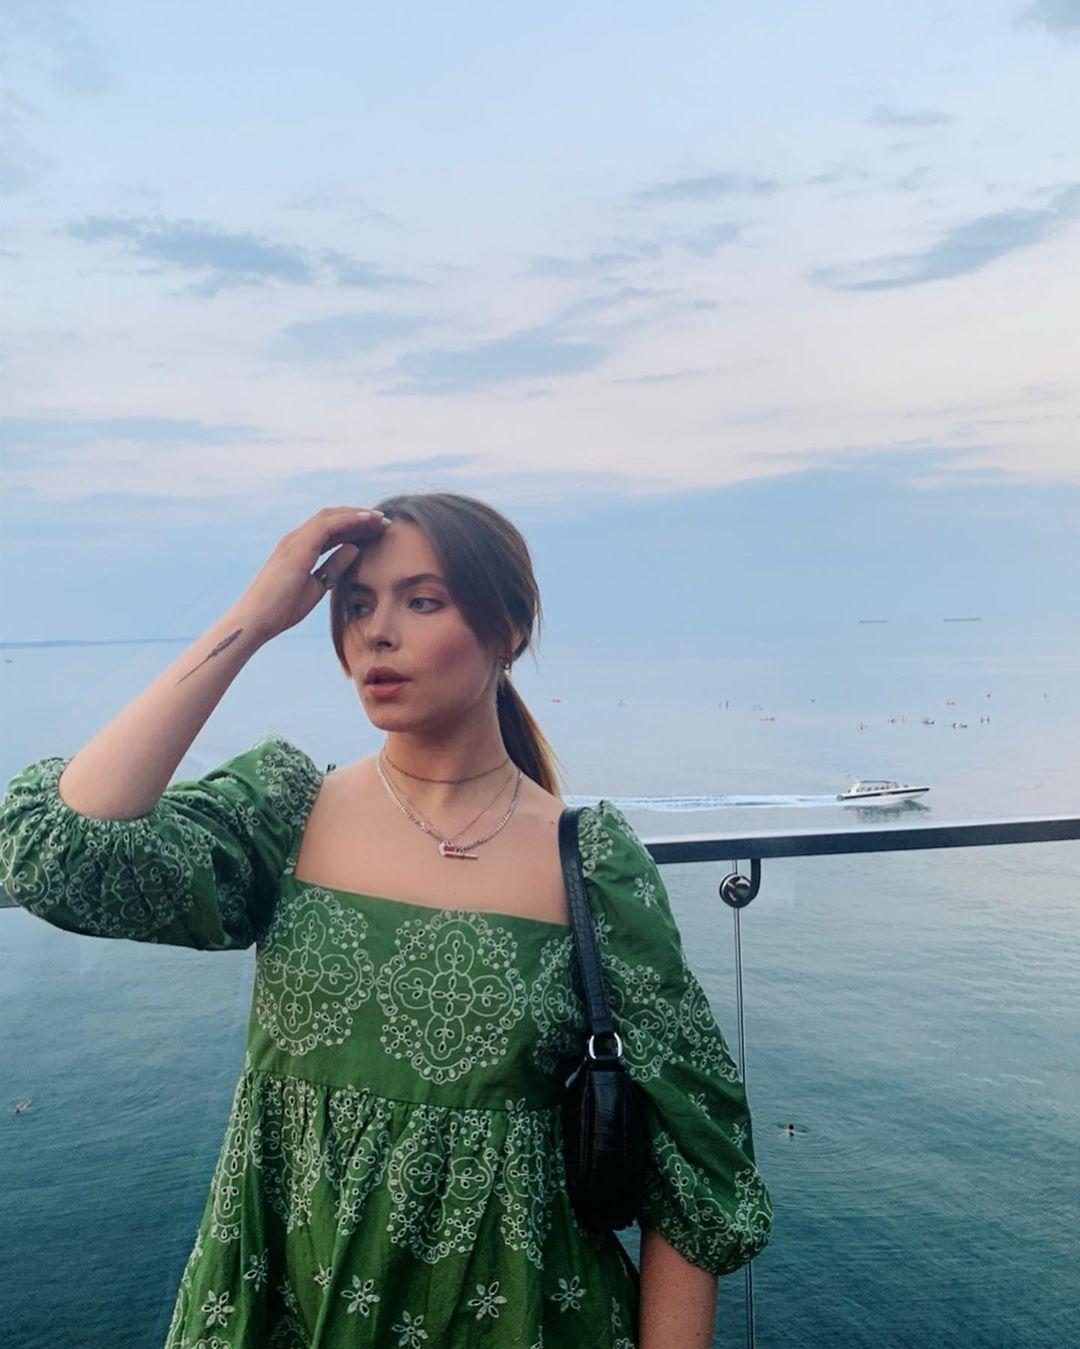 Та сама принцеса: дочка Олени Кравець захопила новим фото на відпочинку